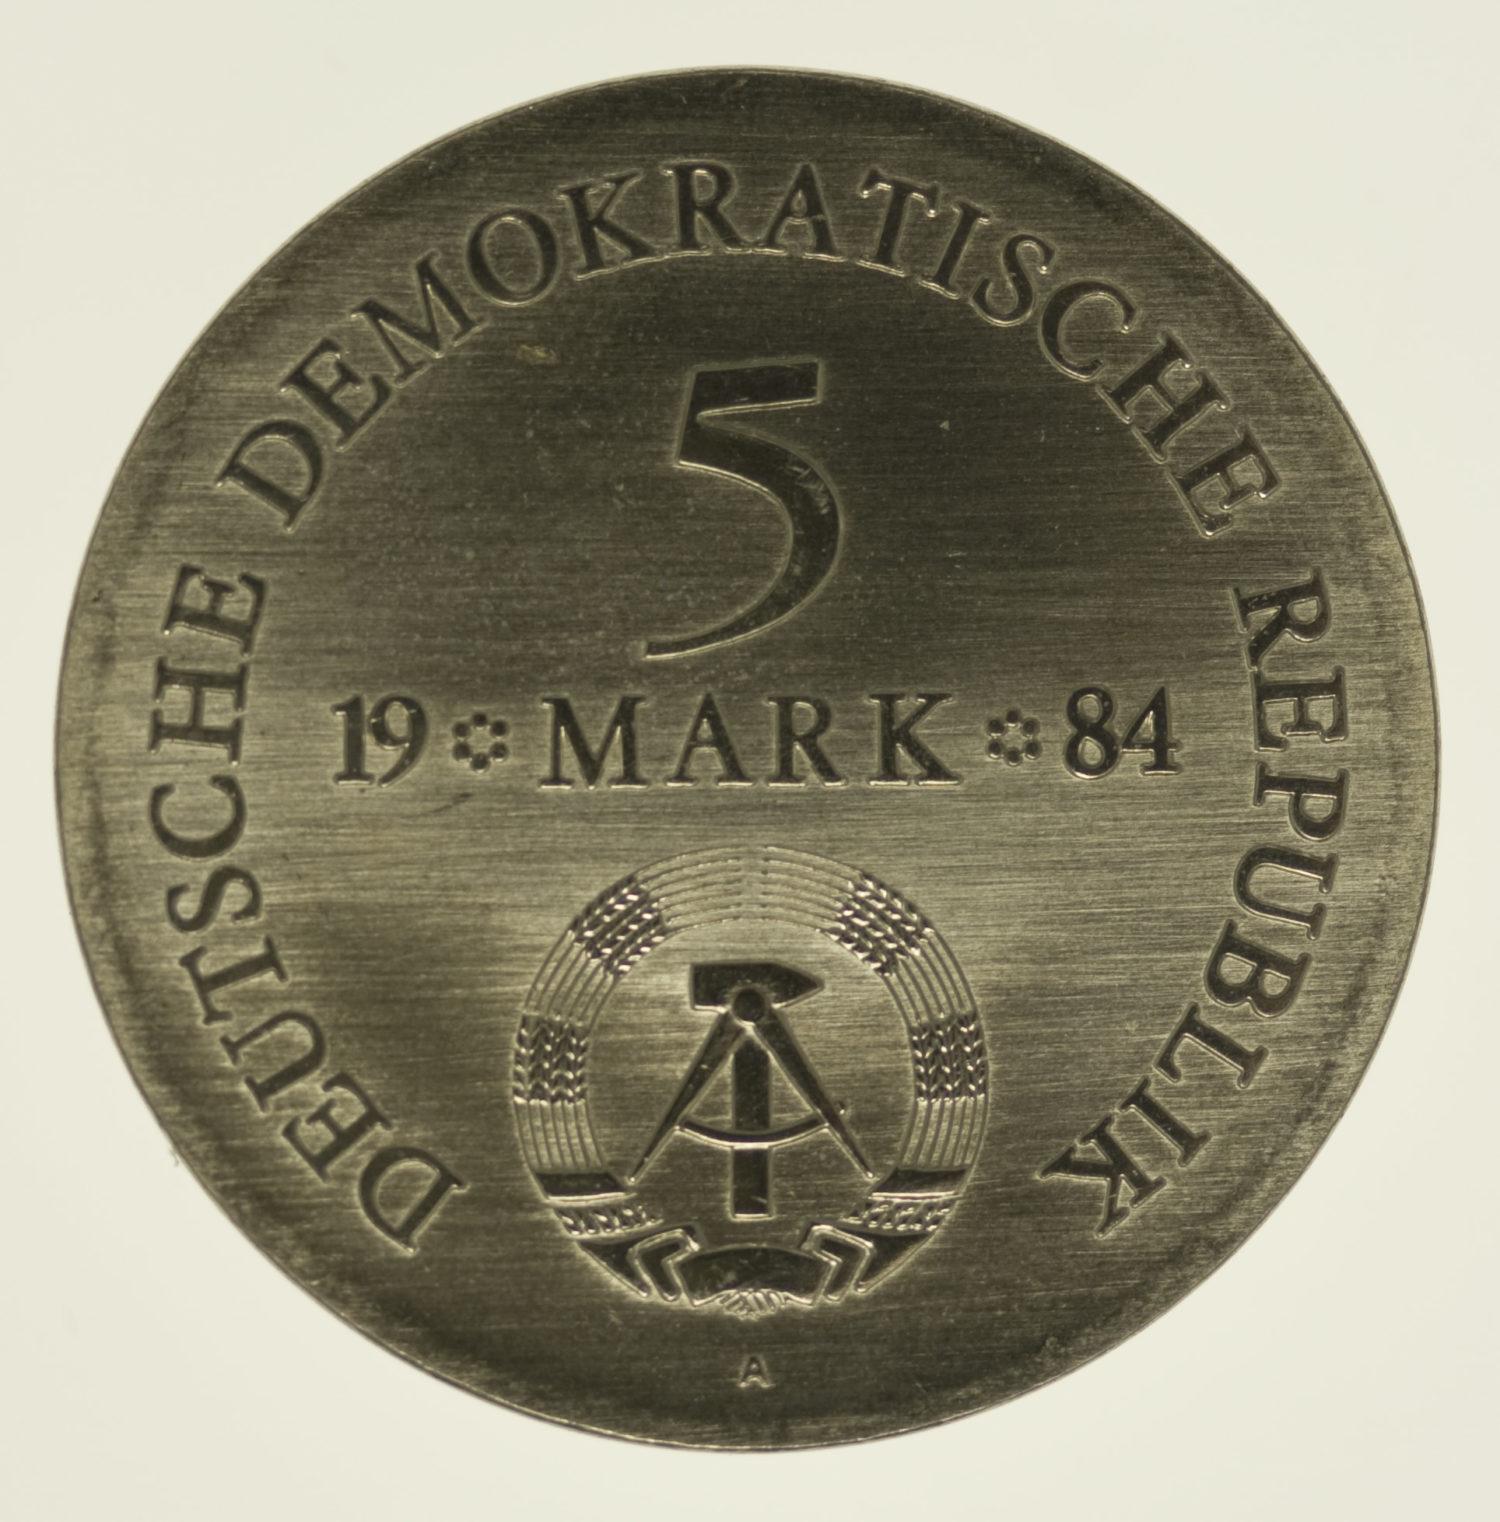 ddr-deutsche-silbermuenzen - DDR 5 Mark 1984 von Lützow